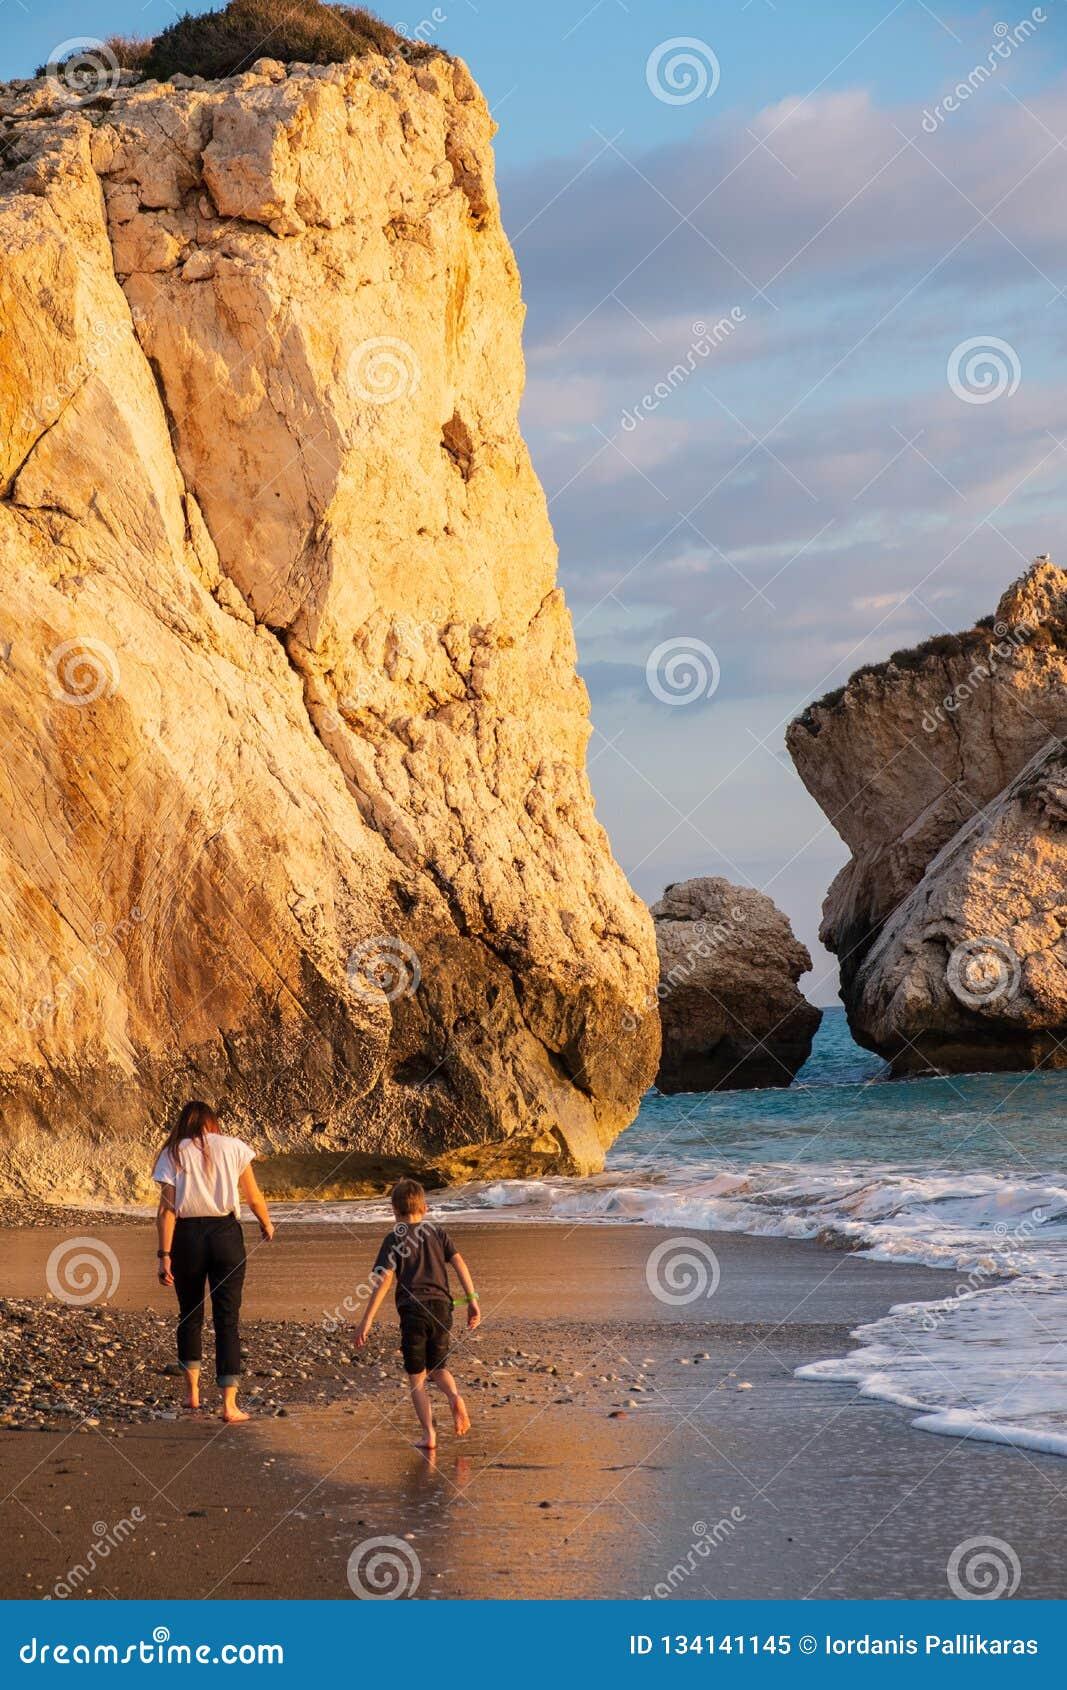 Ein Junge und ein Mädchenspaziergang barfuß am Strand againt die PETRA-tou Romiou-Geburtsortfelsen der Aphrodite gebadet im Nachm